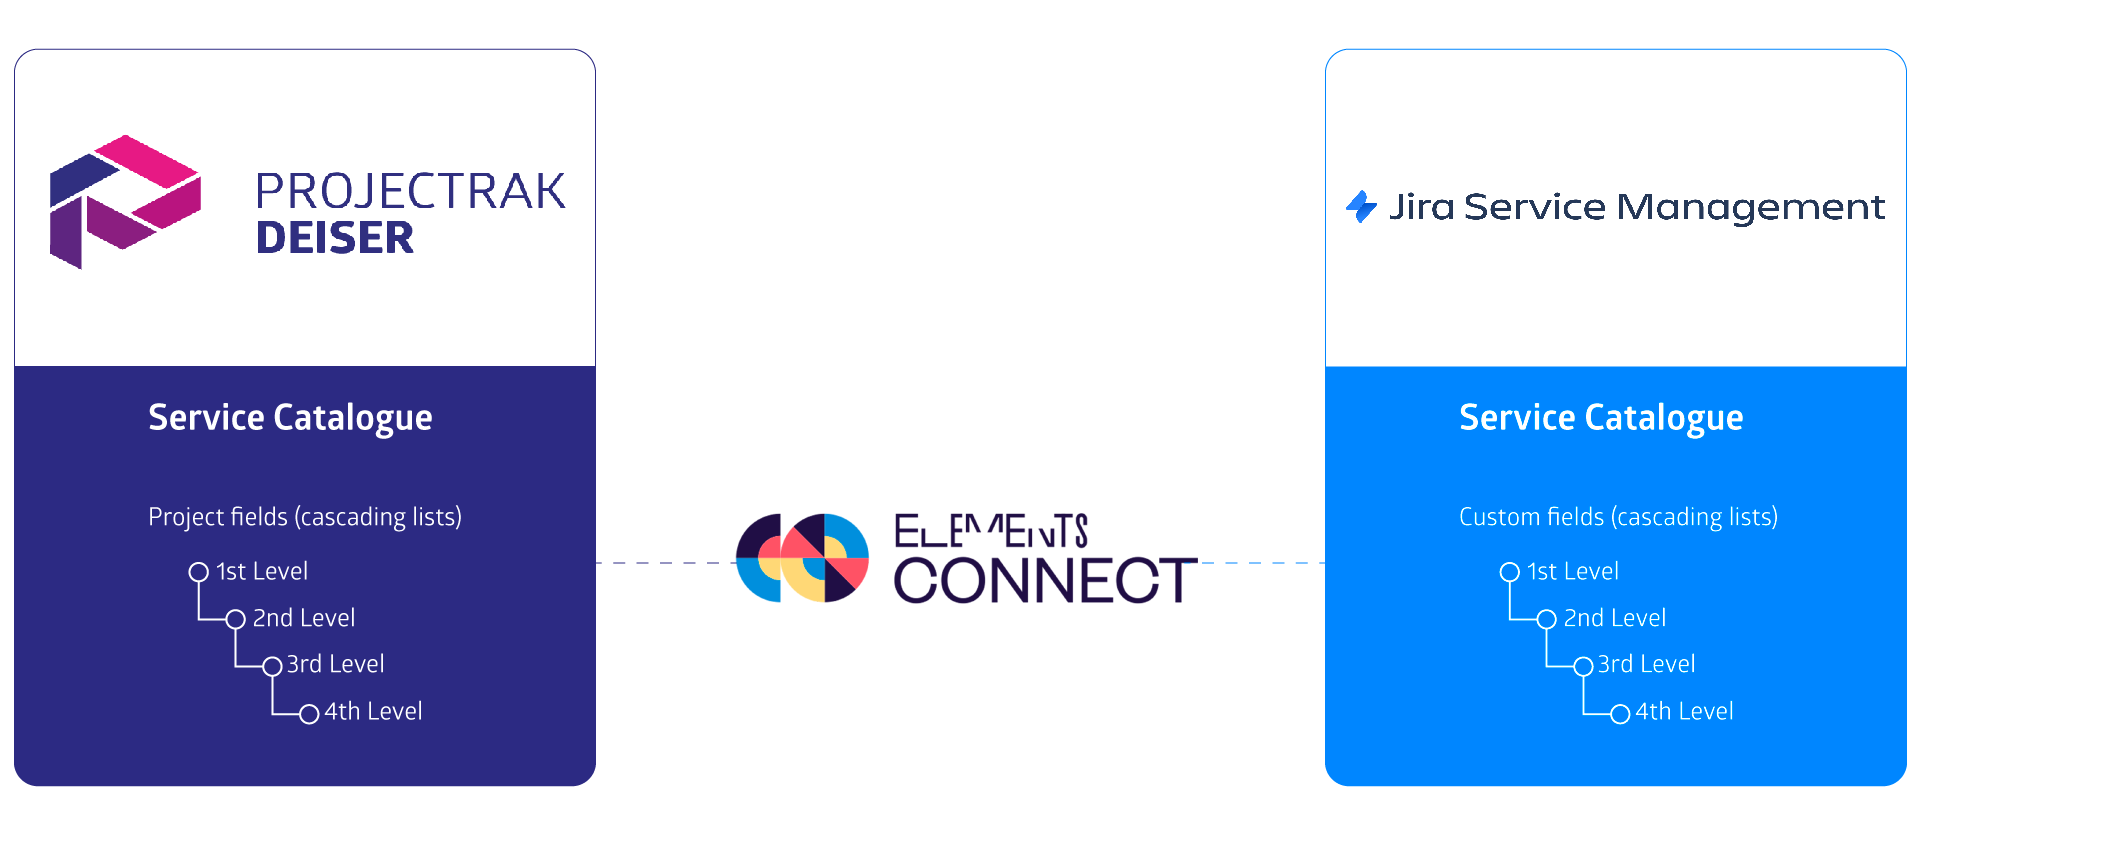 integracion de Projectrak y elements connect en jira service magement para gestionar un catalogo de servicios ti